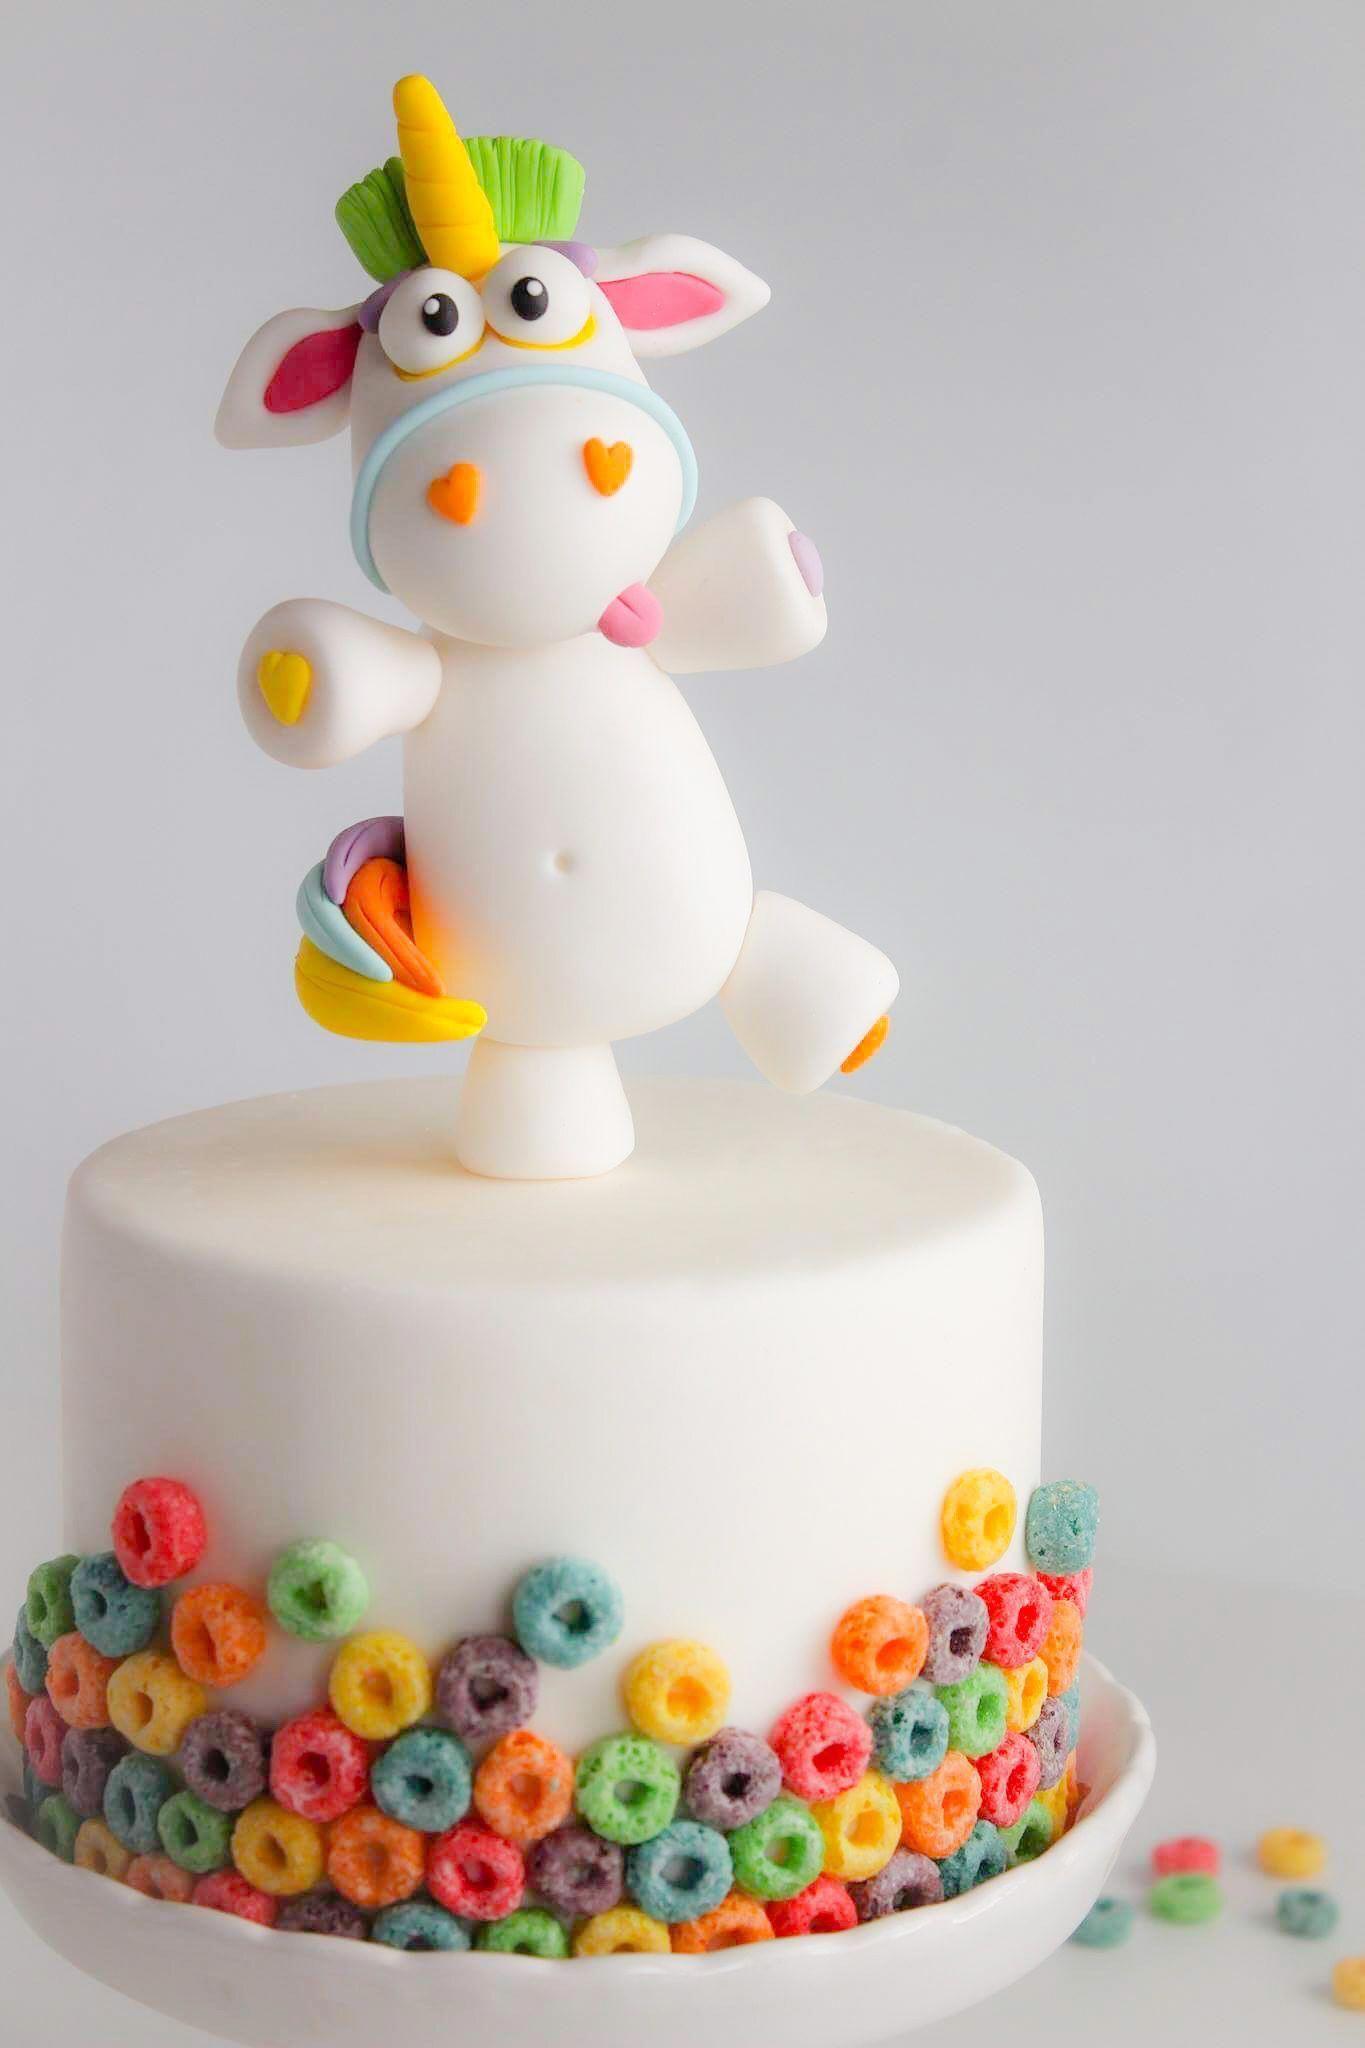 Deliciosa Tarta Para Celebración De Cumpleaños Infantil Fácil De Hacer Con Fondant Qué Pastel Más Colorido Y Bi Pasteles De Fondant Tortas Tortas Con Fondant